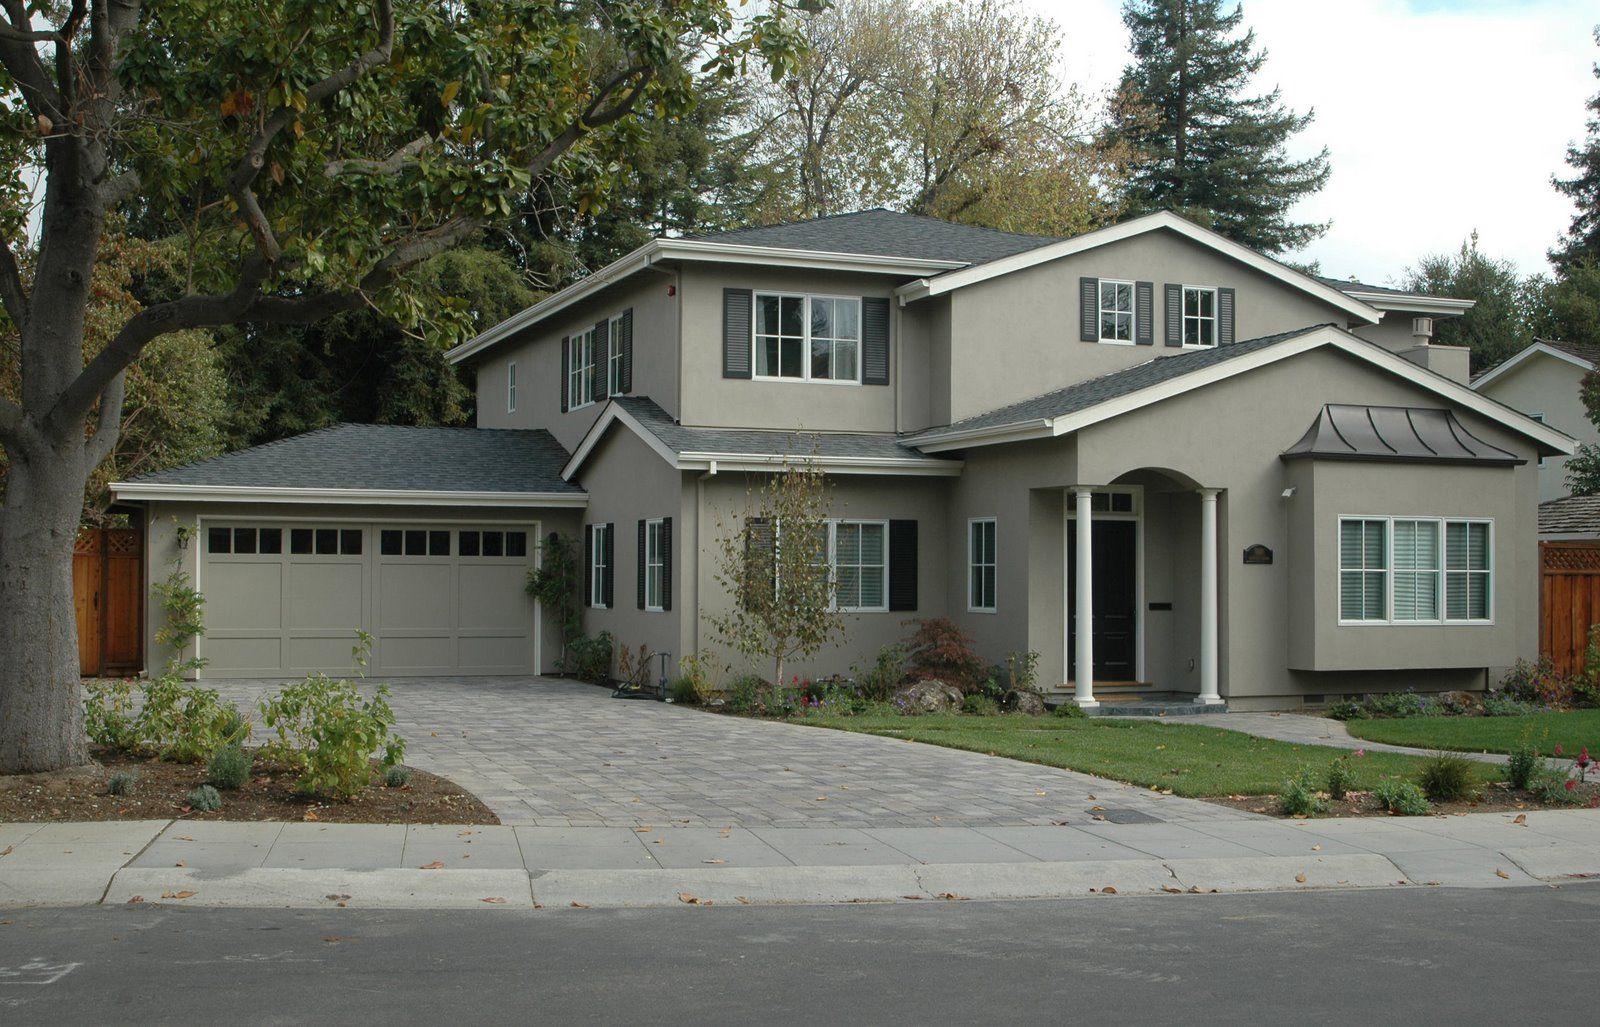 Kelly Moore exterior color scheme paint colors: Stonegate, Frost ...